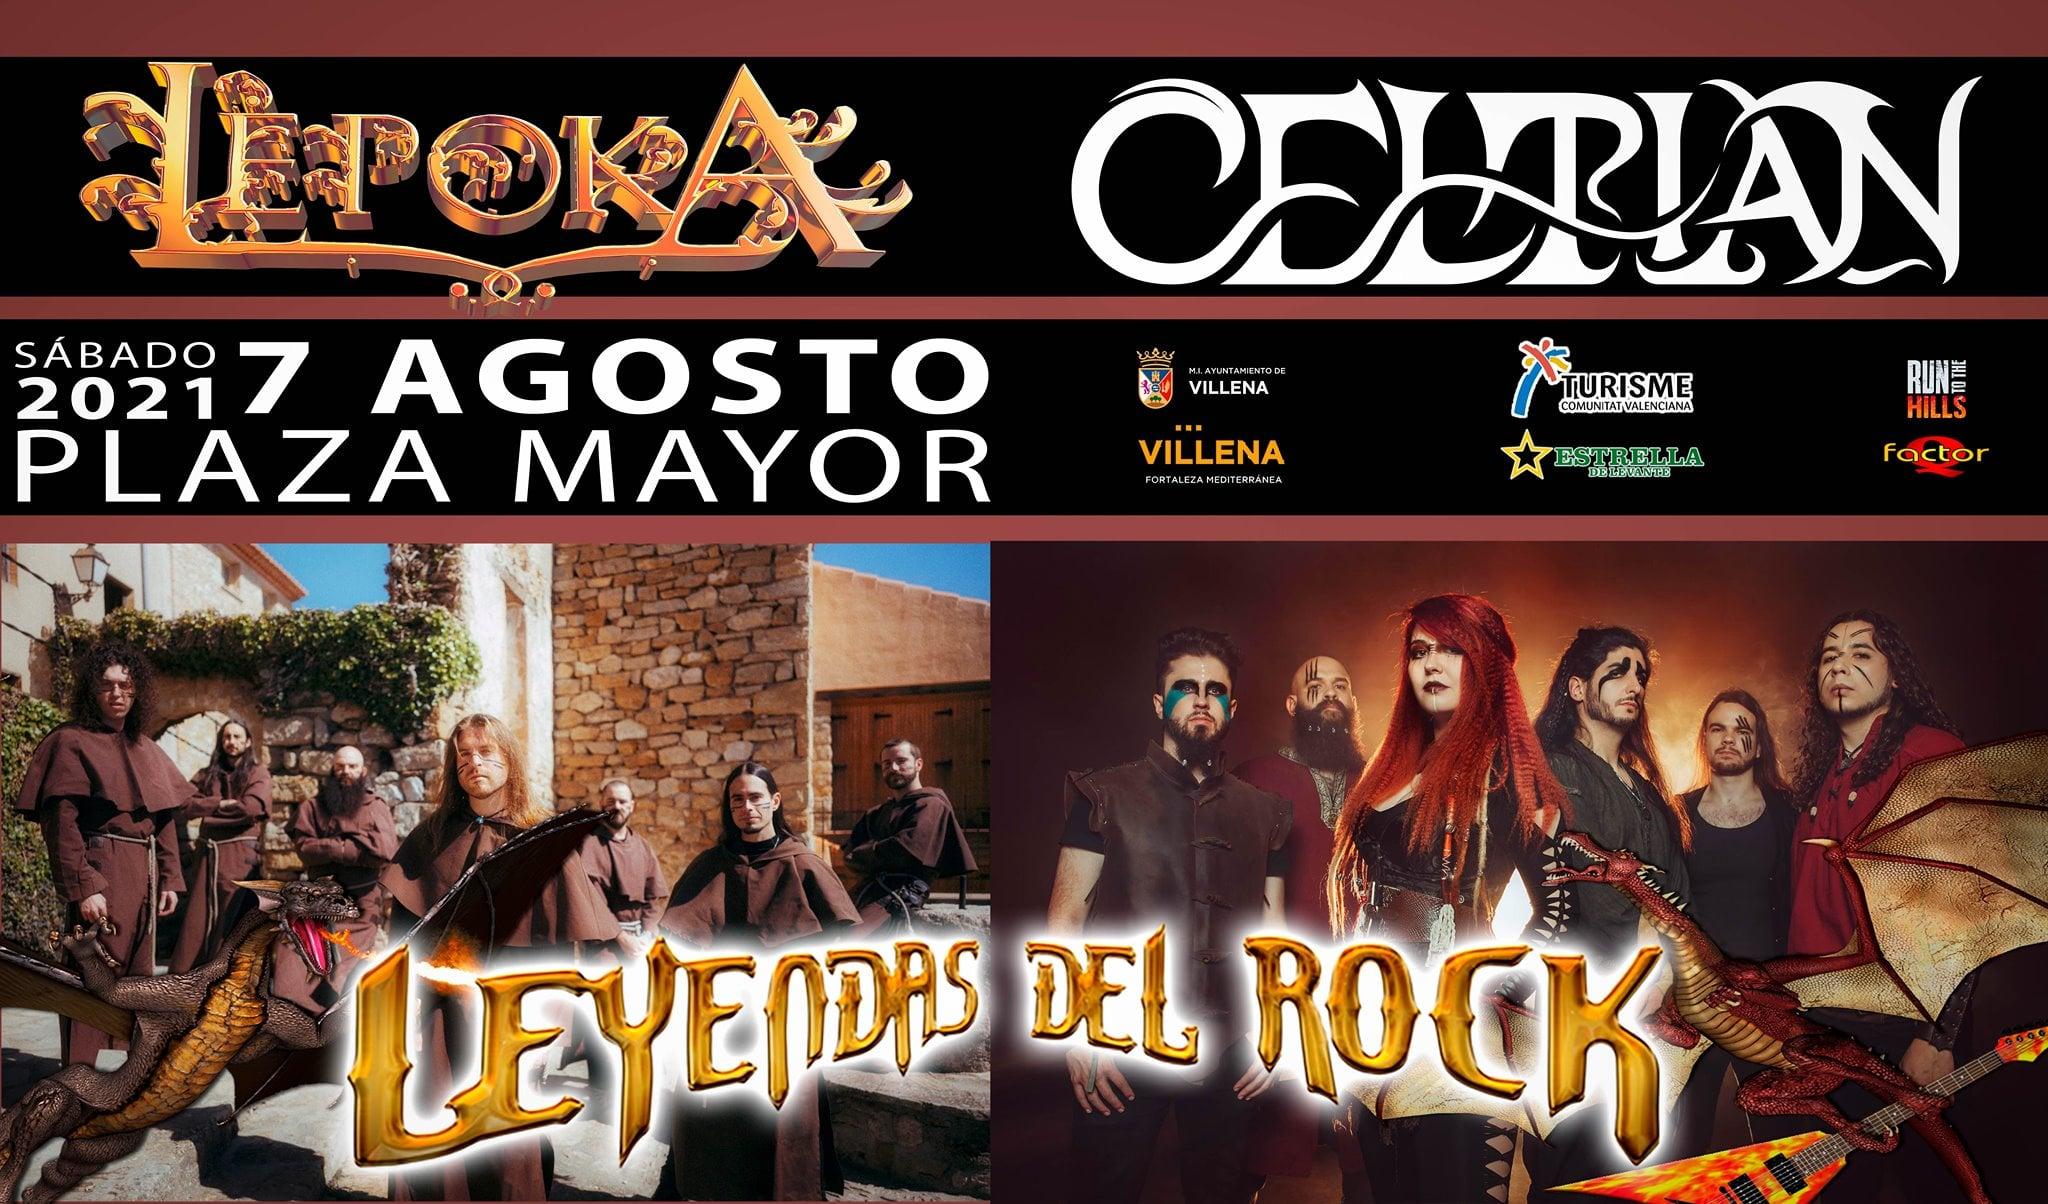 lèpoka y celtian - leyendas del rock